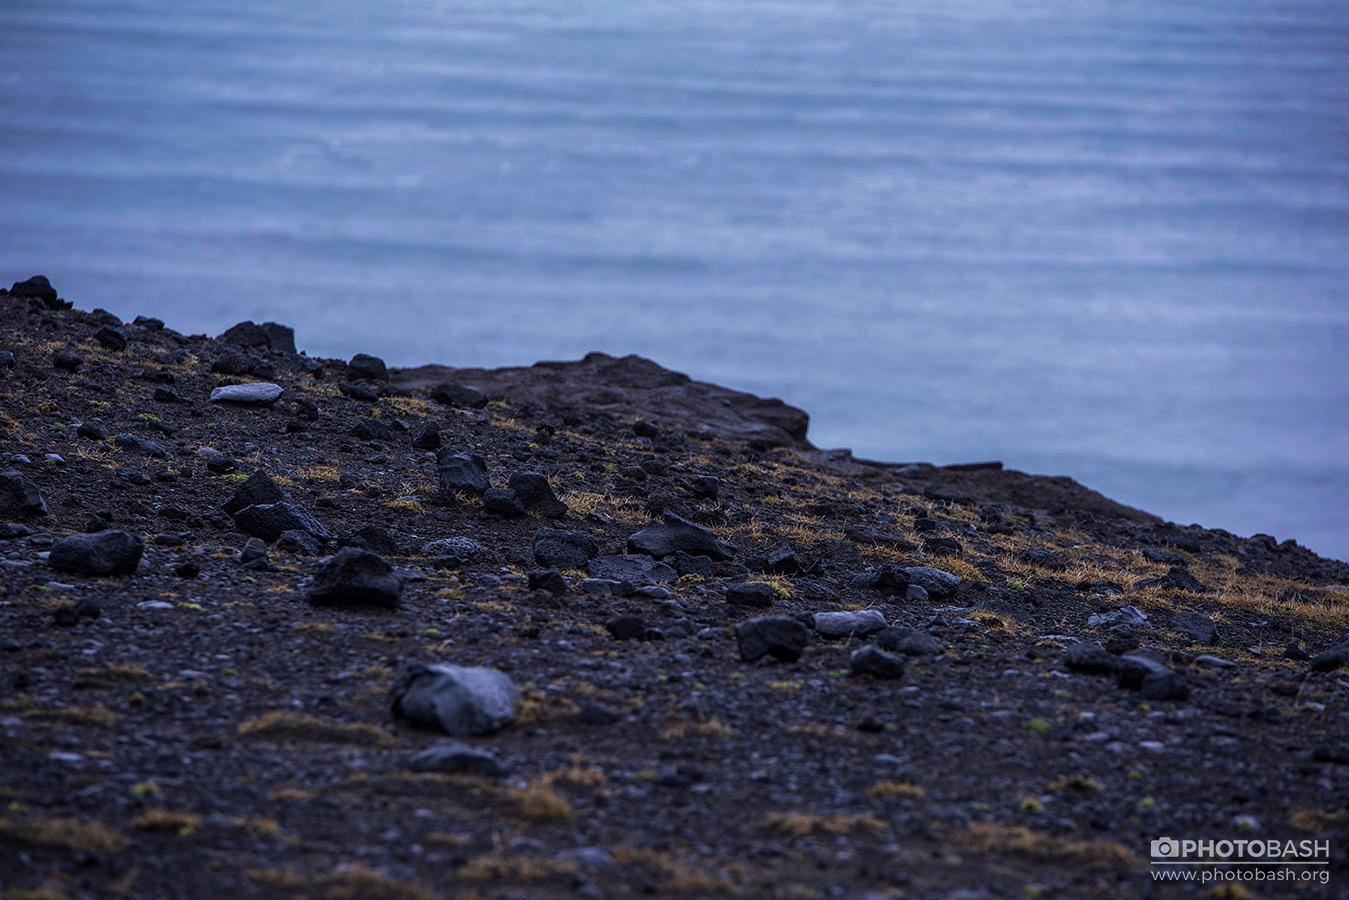 Black-Beach-Rocky-Ground-Texture.jpg